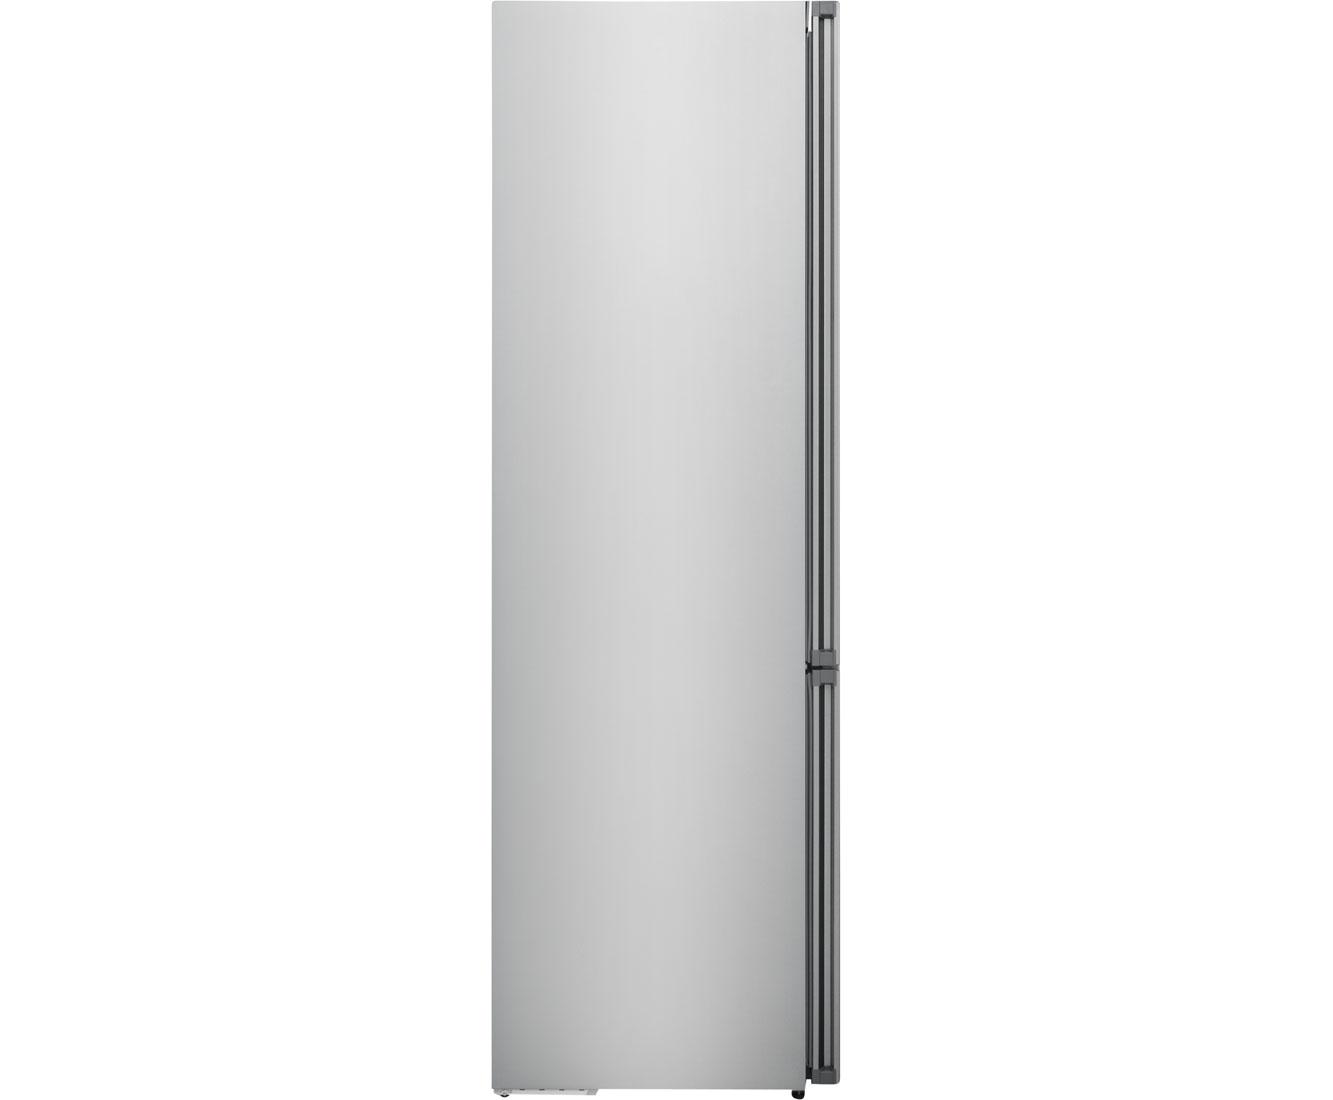 Bosch Kühlschrank Kgn 39 Xi 45 : Bosch kühlschrank kgn xi bosch kgn ebay kleinanzeigen